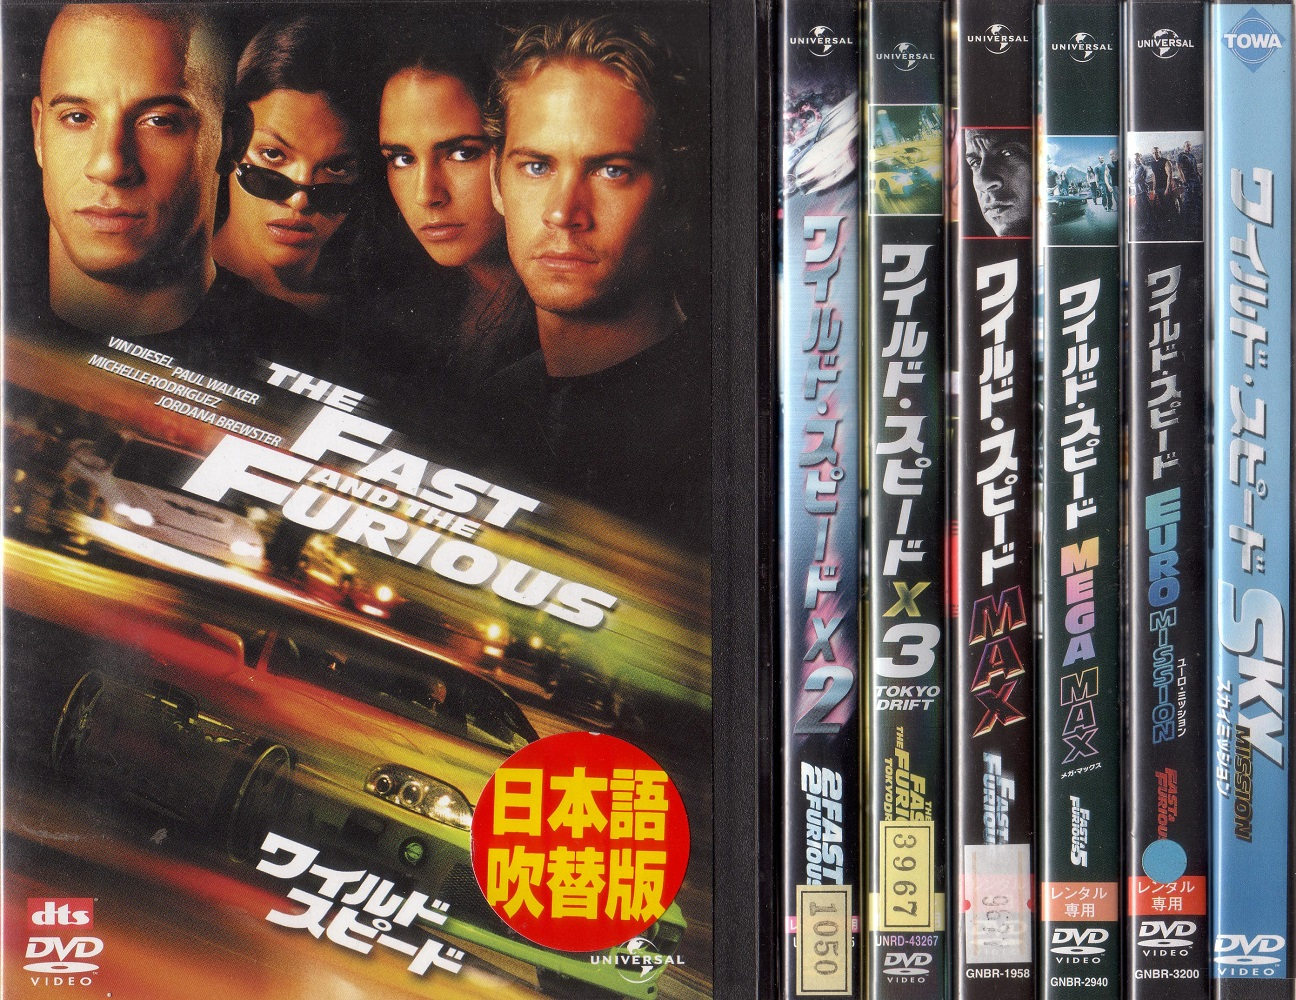 【送料無料】rb4209レンタルアップ 中古DVDワイルド・スピード1~3MAXMEGA MAXEURO MISSIONスカイミッション7巻セット